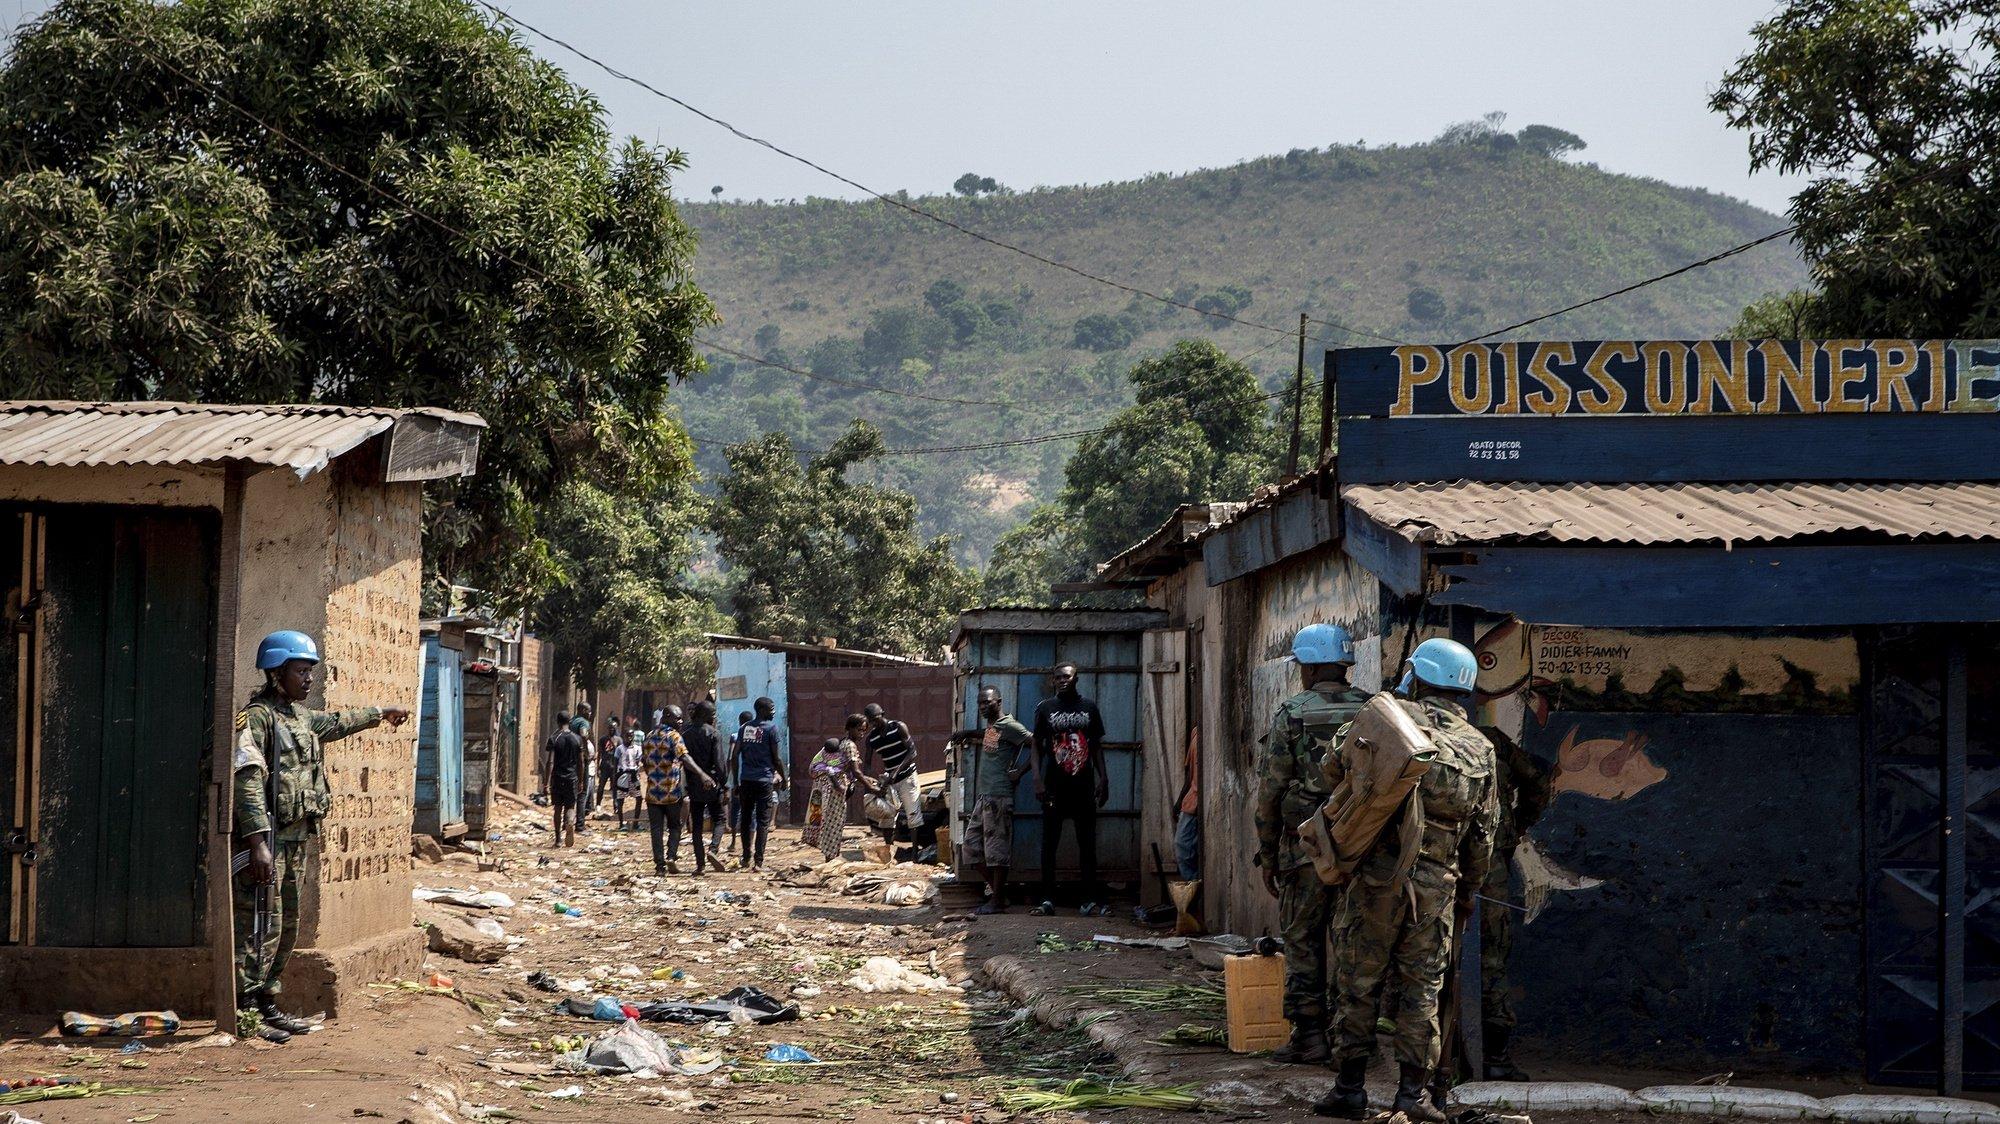 Forças da Missão de Estabilização Multidimensional Integrada da ONU na República Centro-Africana (Minusca) patrulham após ataque de rebeldes. 22 de janeiro de 2021 EPA/ADRIENNE SURPRENANT